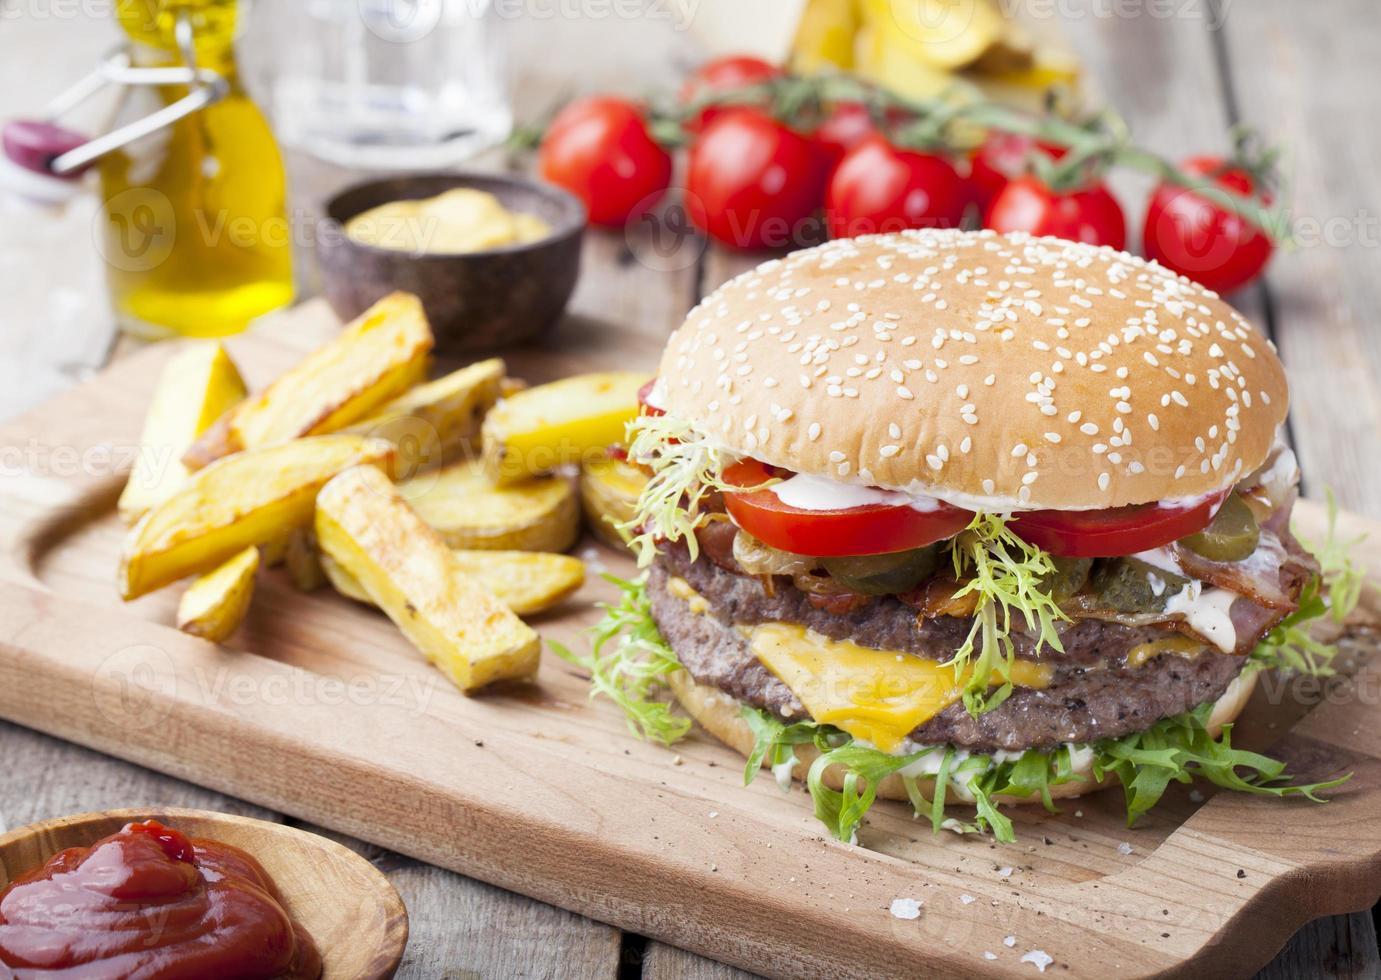 hamburger, hamburger aux frites, ketchup, moutarde et légumes frais photo